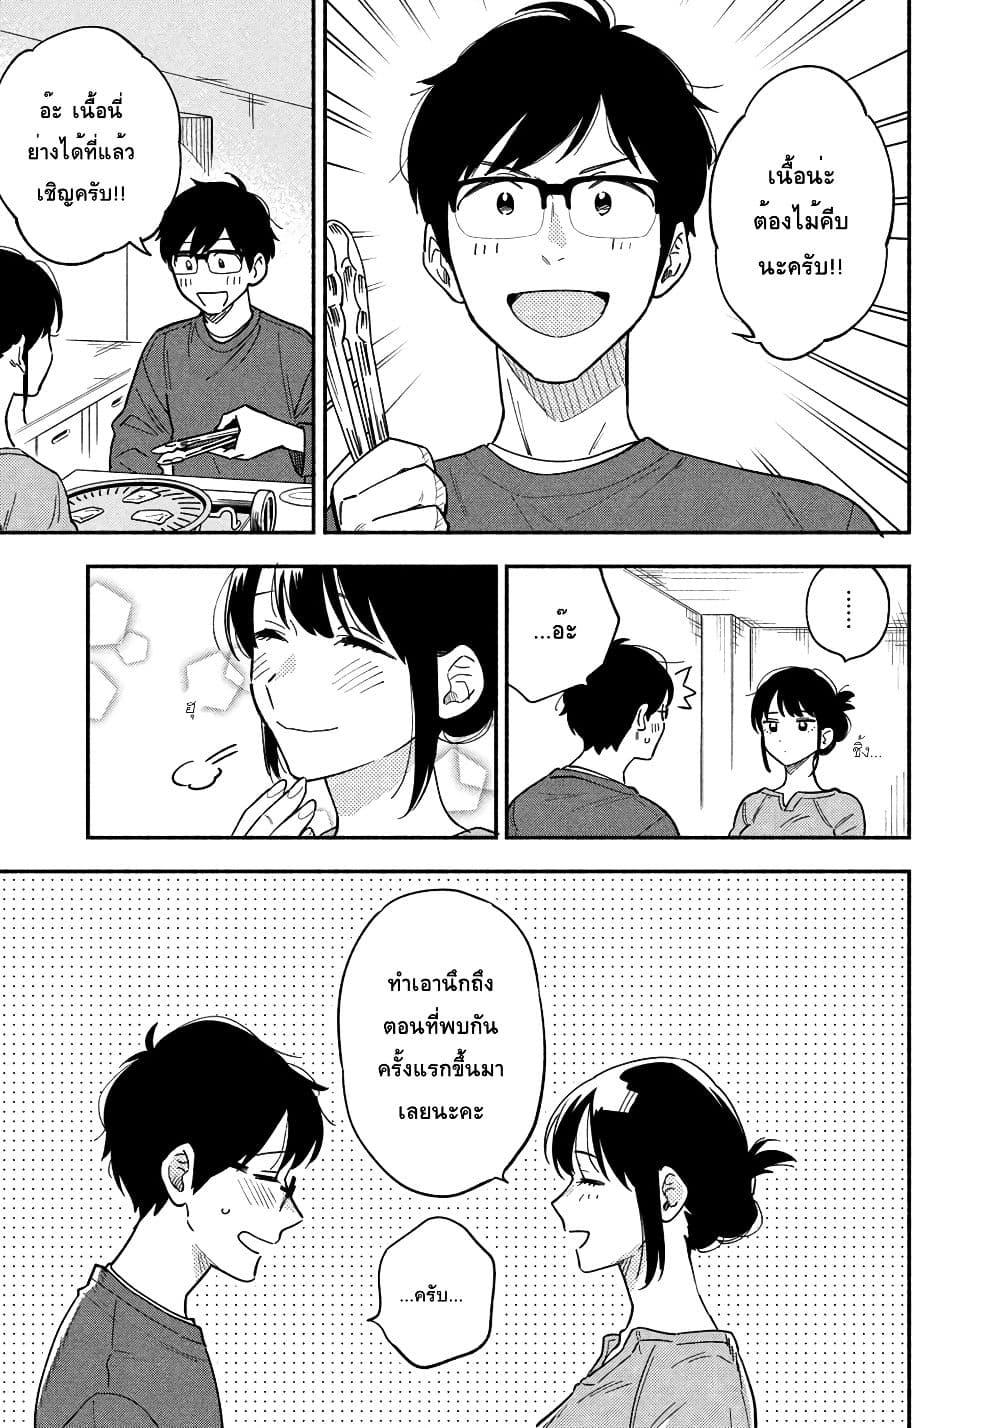 อ่านการ์ตูน Yaiteru Futari ตอนที่ 9 หน้าที่ 15